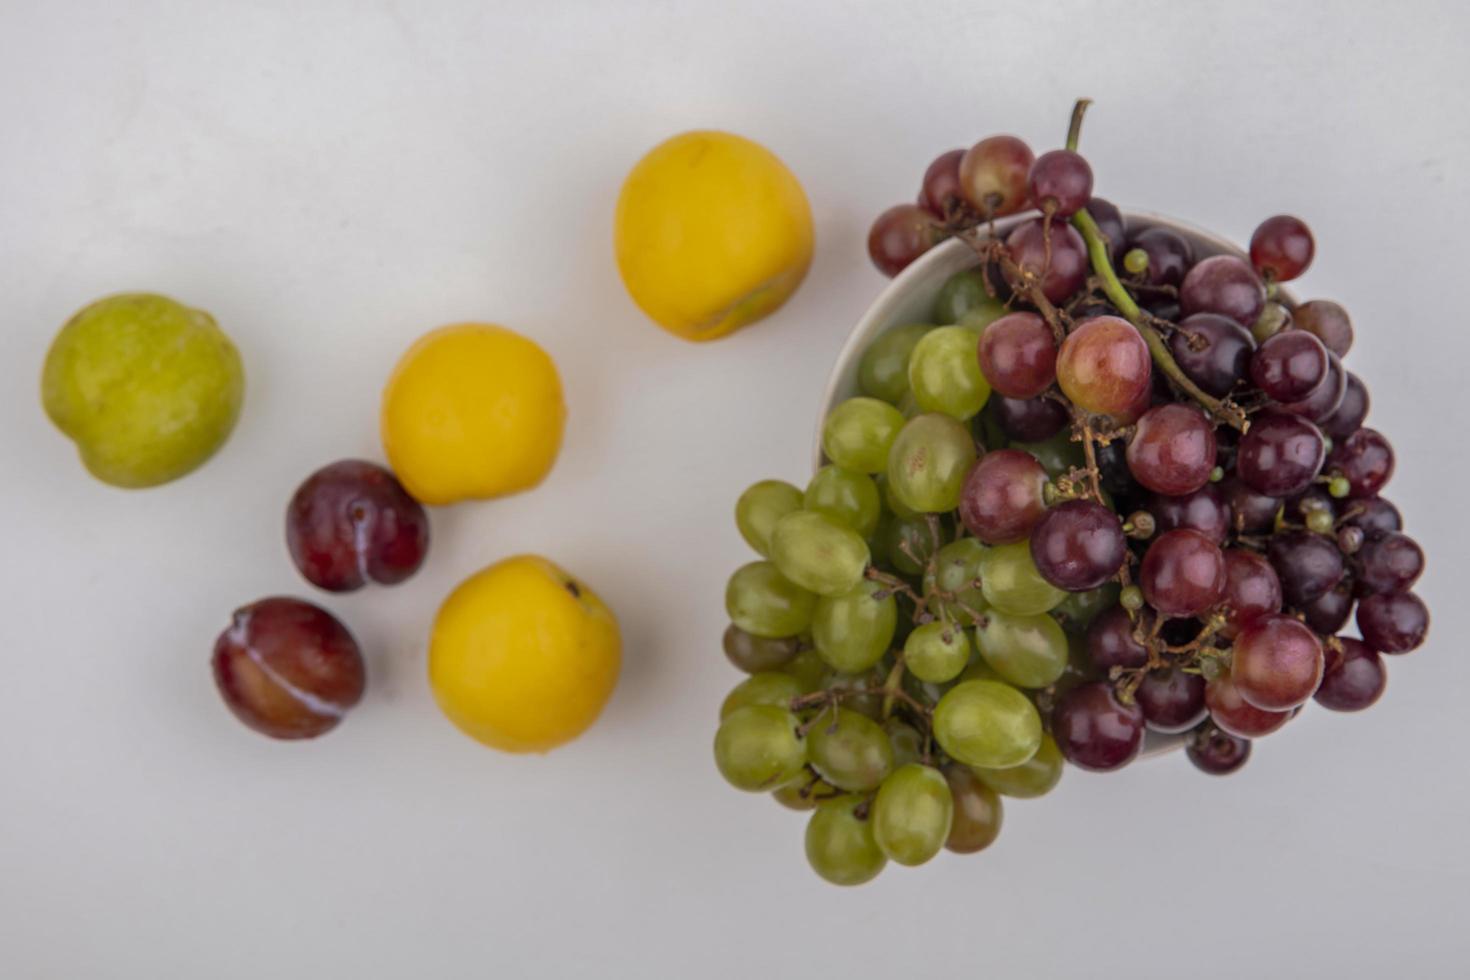 ovanifrån av druvor i skål med plottar och nektakotar på vit bakgrund foto